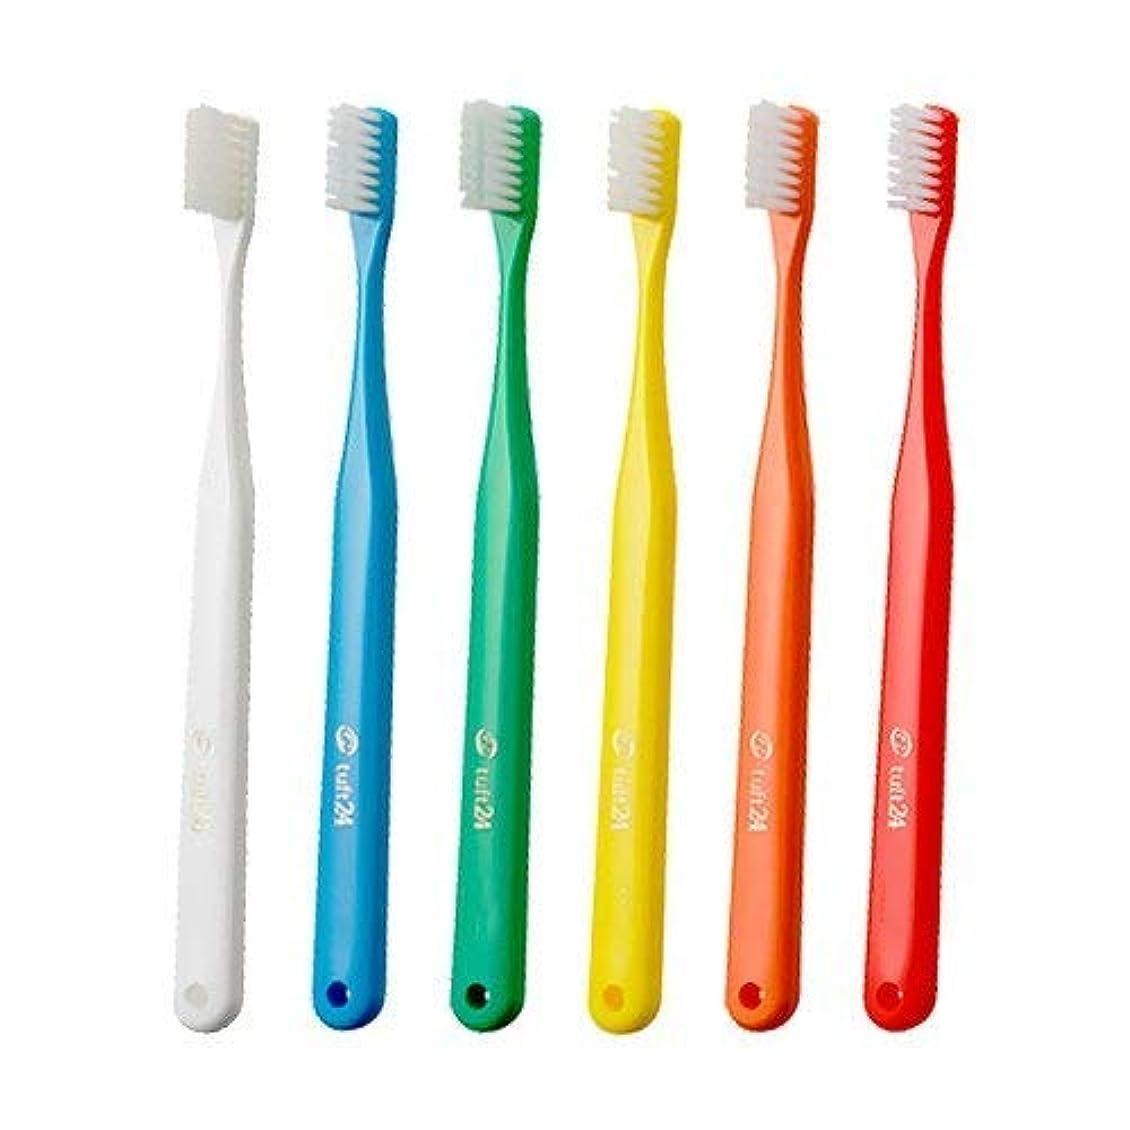 枯渇するメリー電気陽性キャップなし タフト24 歯ブラシ × 25本入 MS アソート